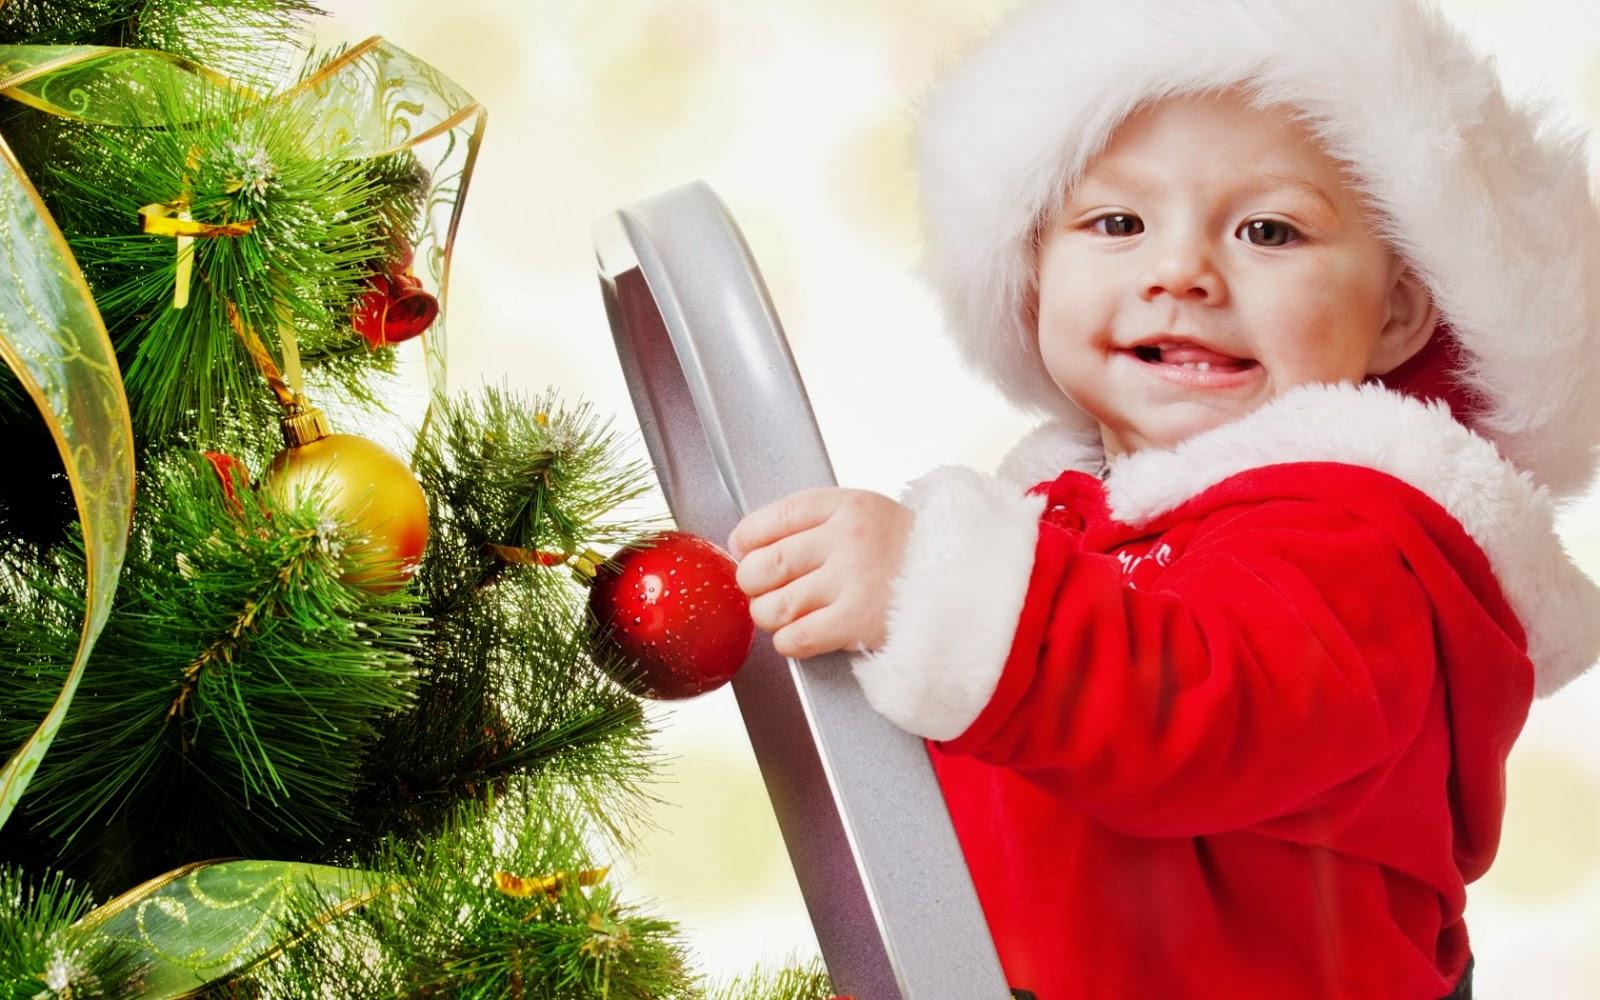 Fotos de niño alegre ~ Mejores Fotos del Mundo | Fotografías de ...